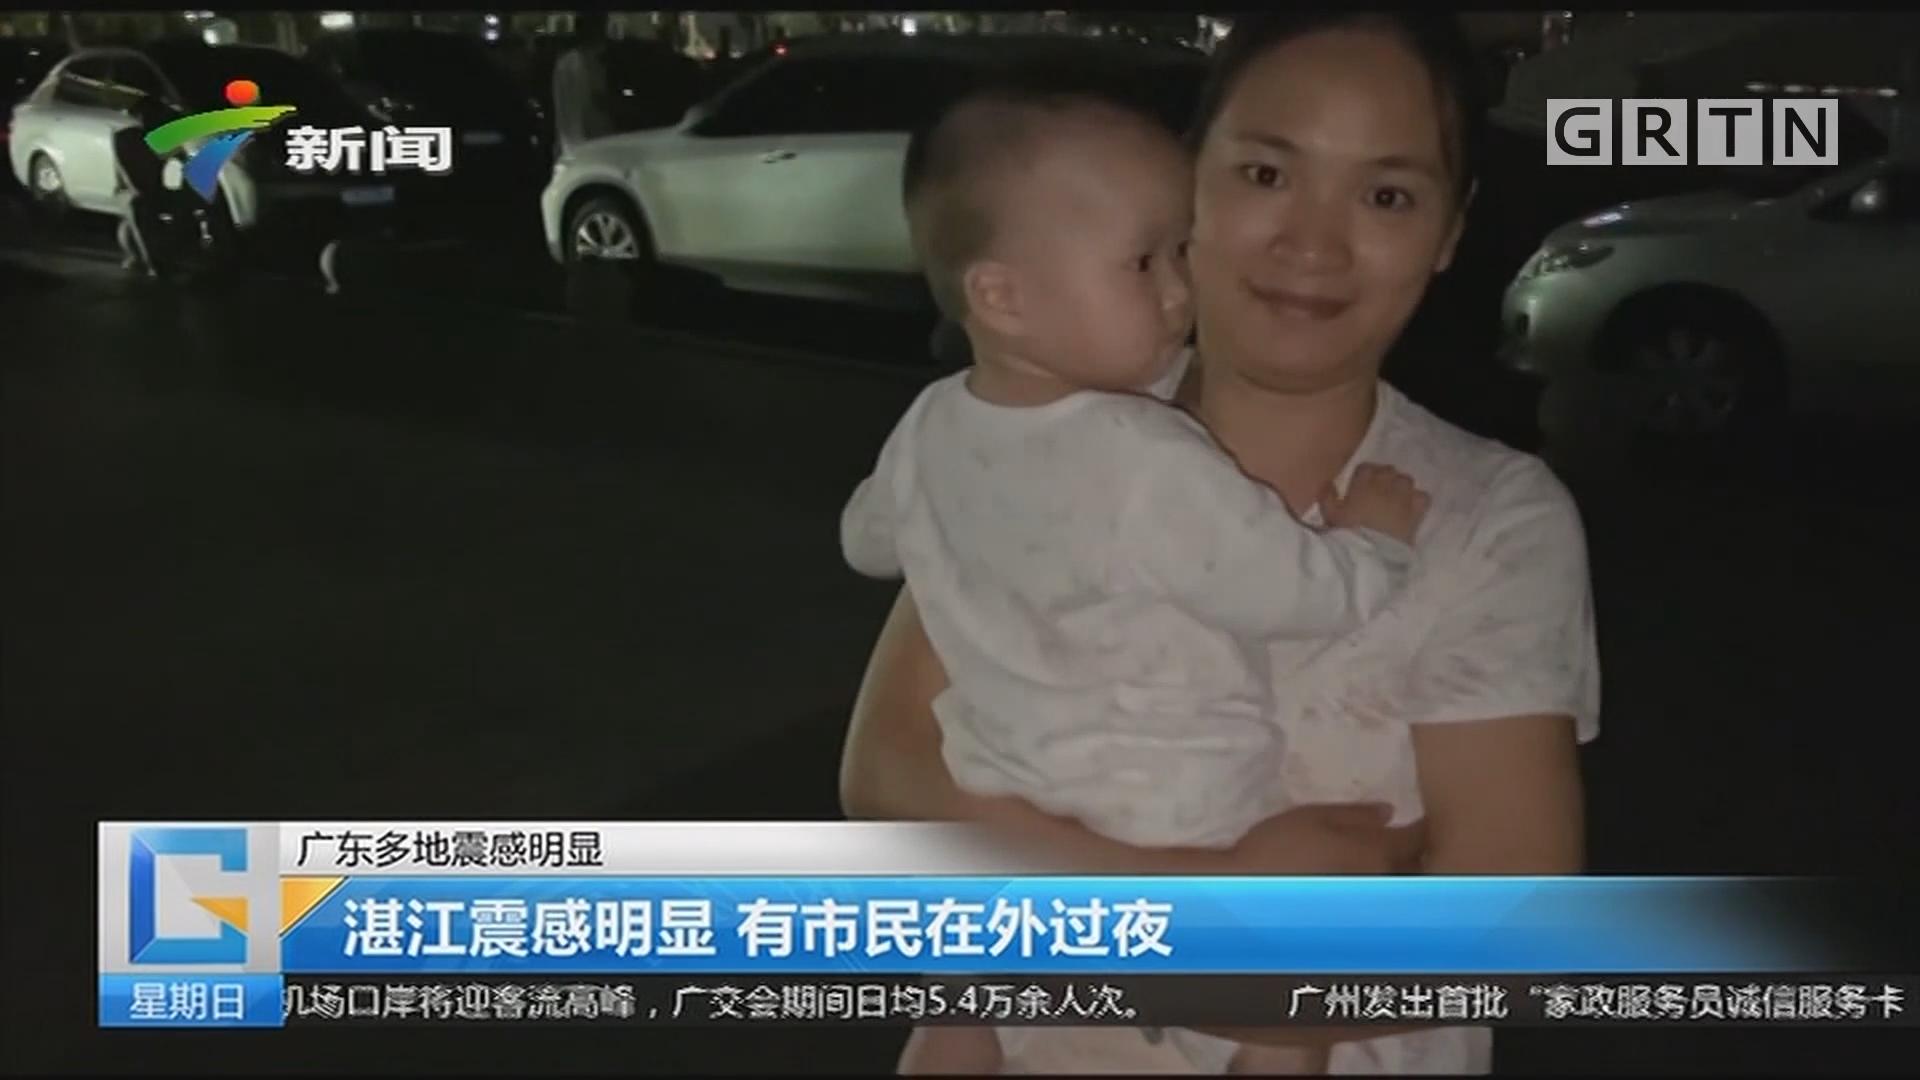 manbetx手机版 - 登陆多地震感明显:湛江震感明显 有市民在外过夜